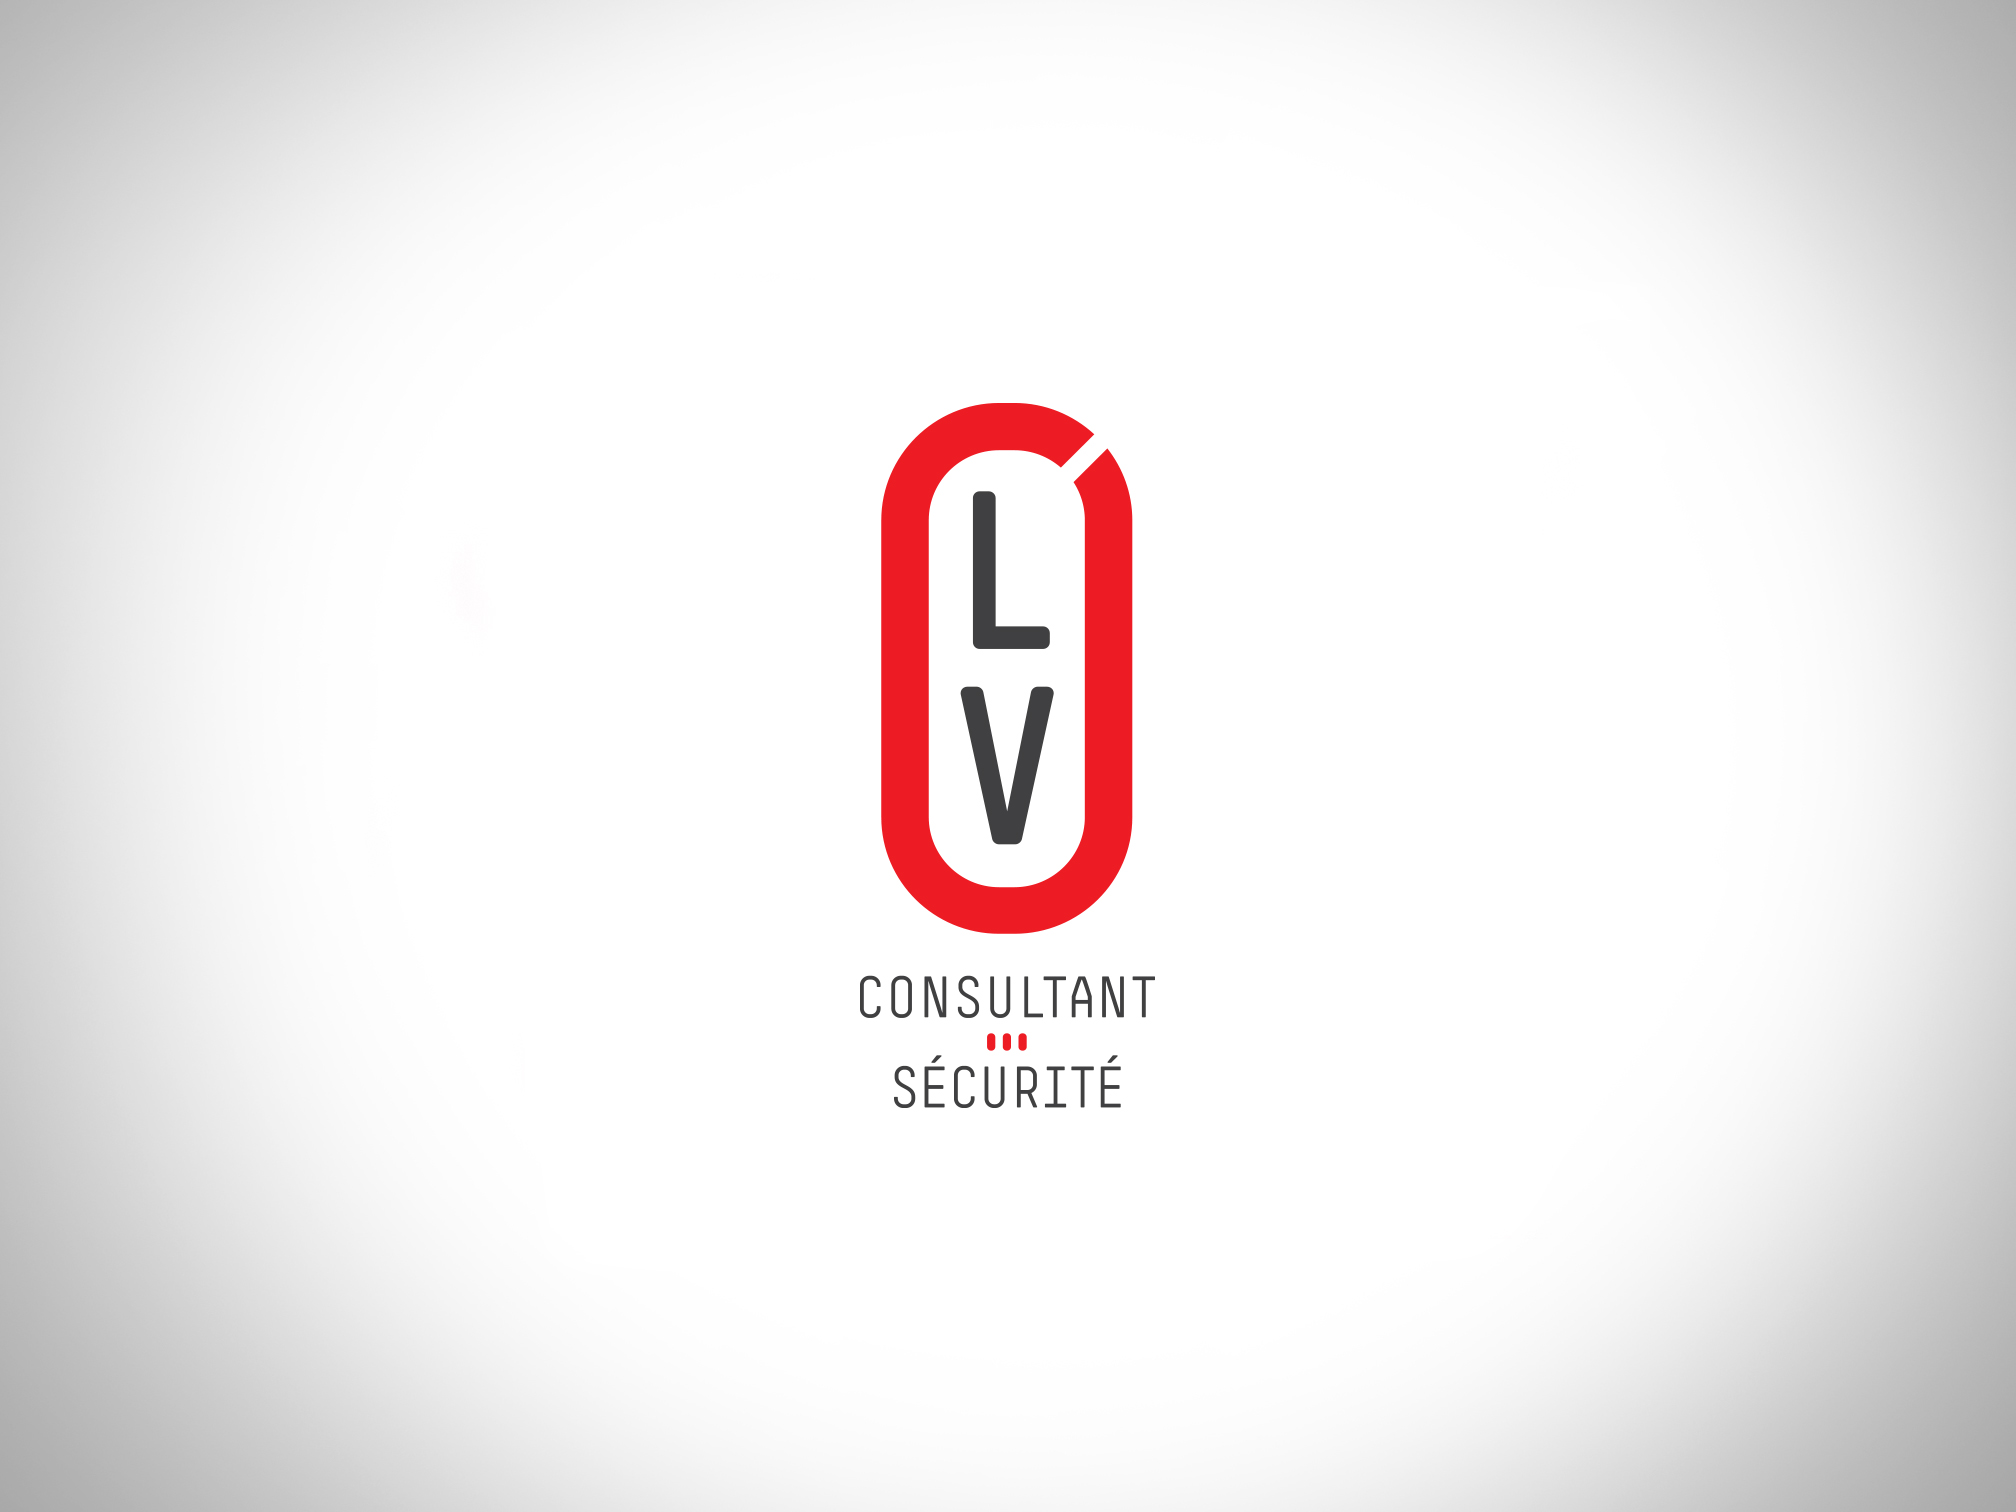 LV consultant sécurité